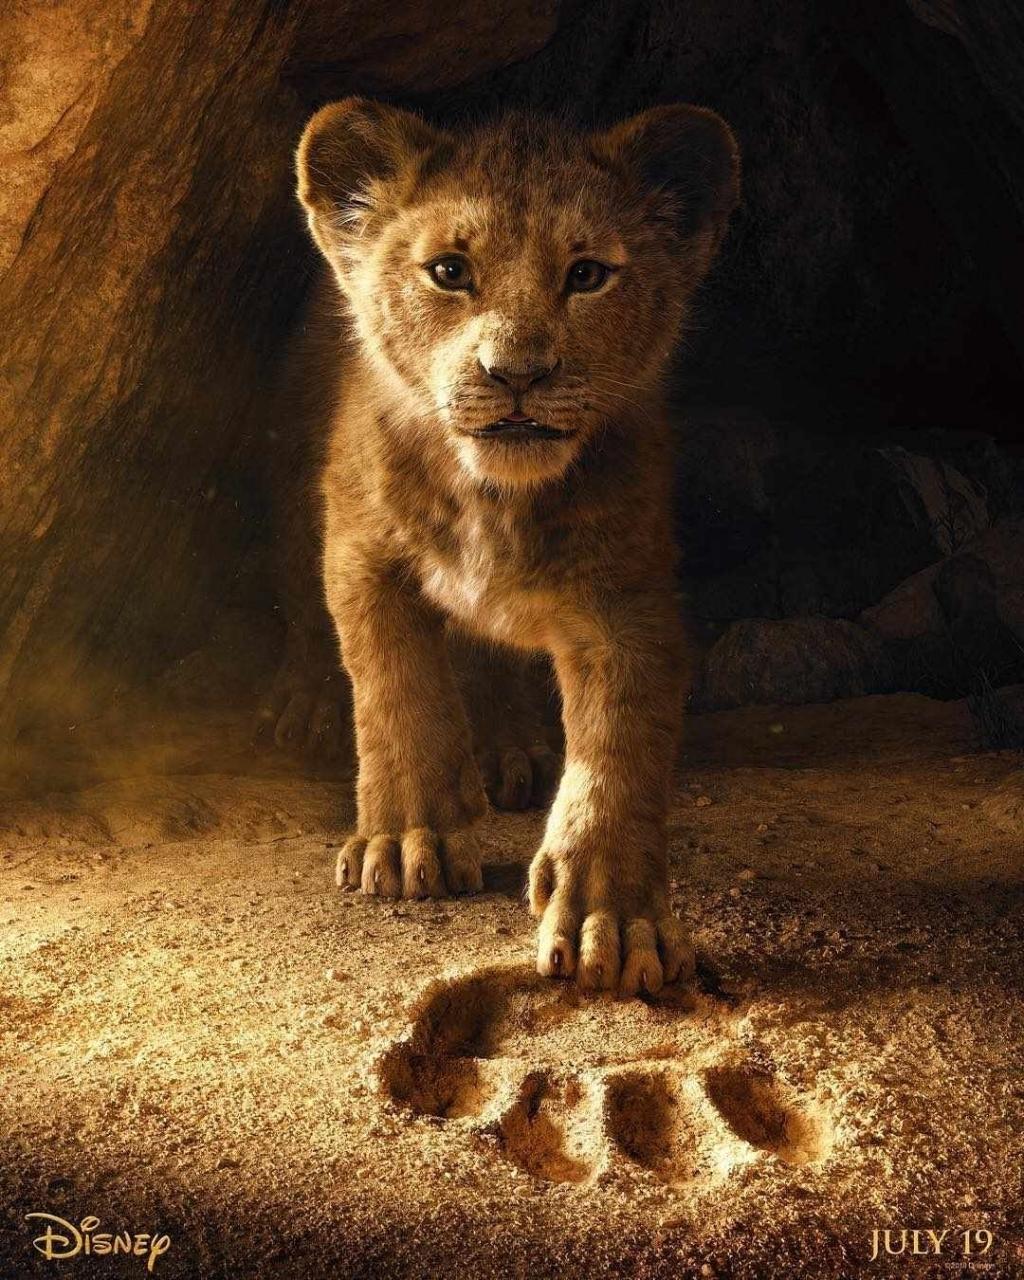 Il re leone ed speciale amazon walt disney i classici film e tv